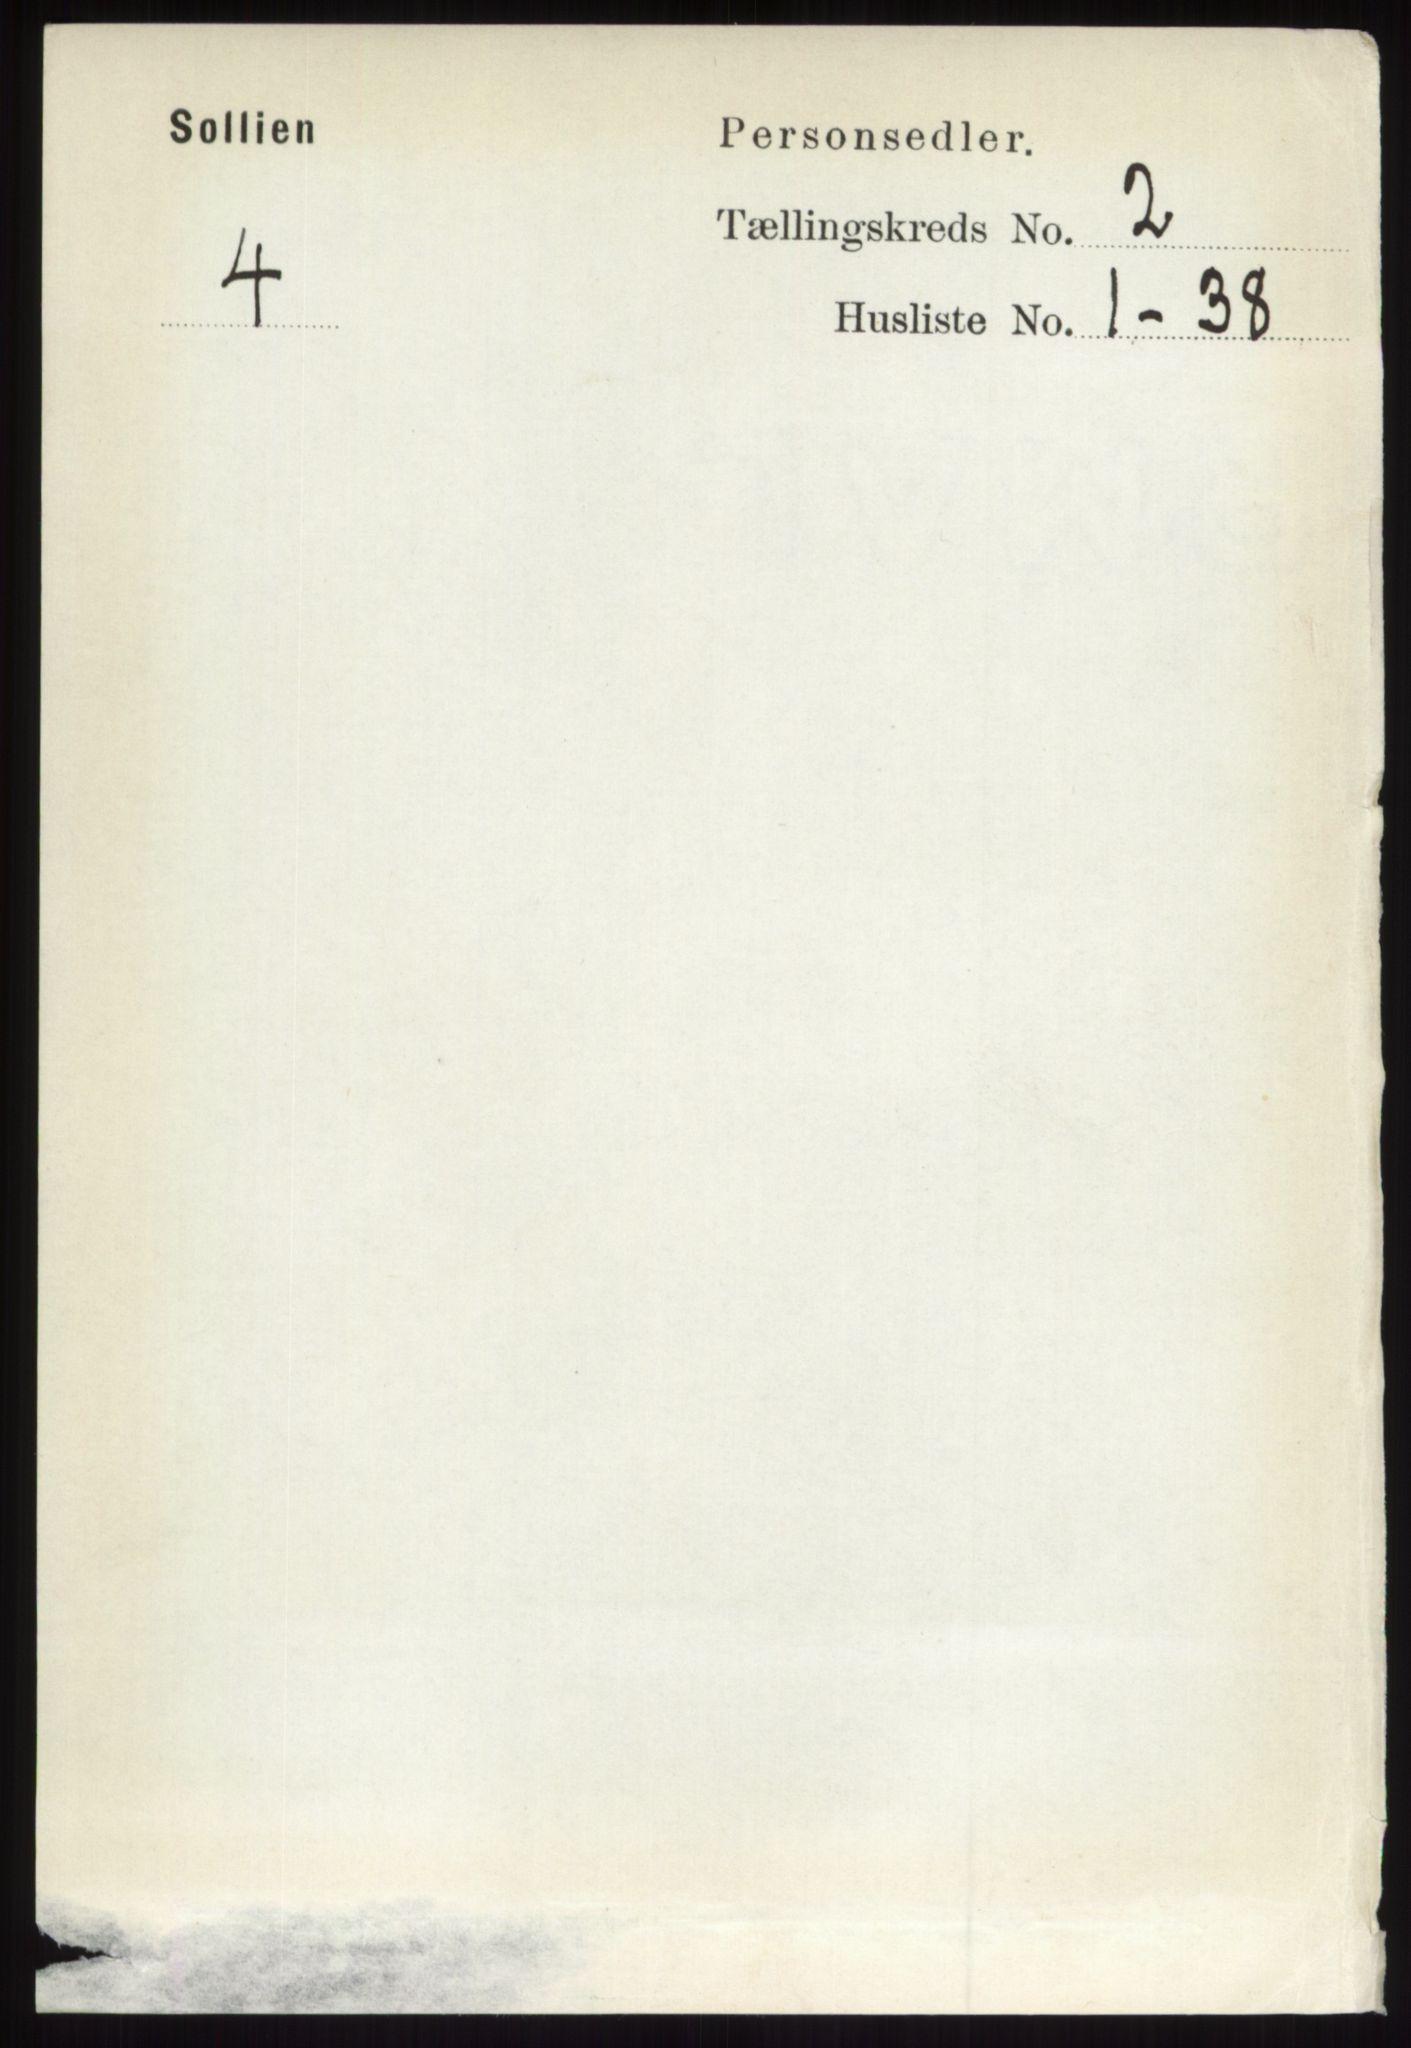 RA, Folketelling 1891 for 0431 Sollia herred, 1891, s. 412